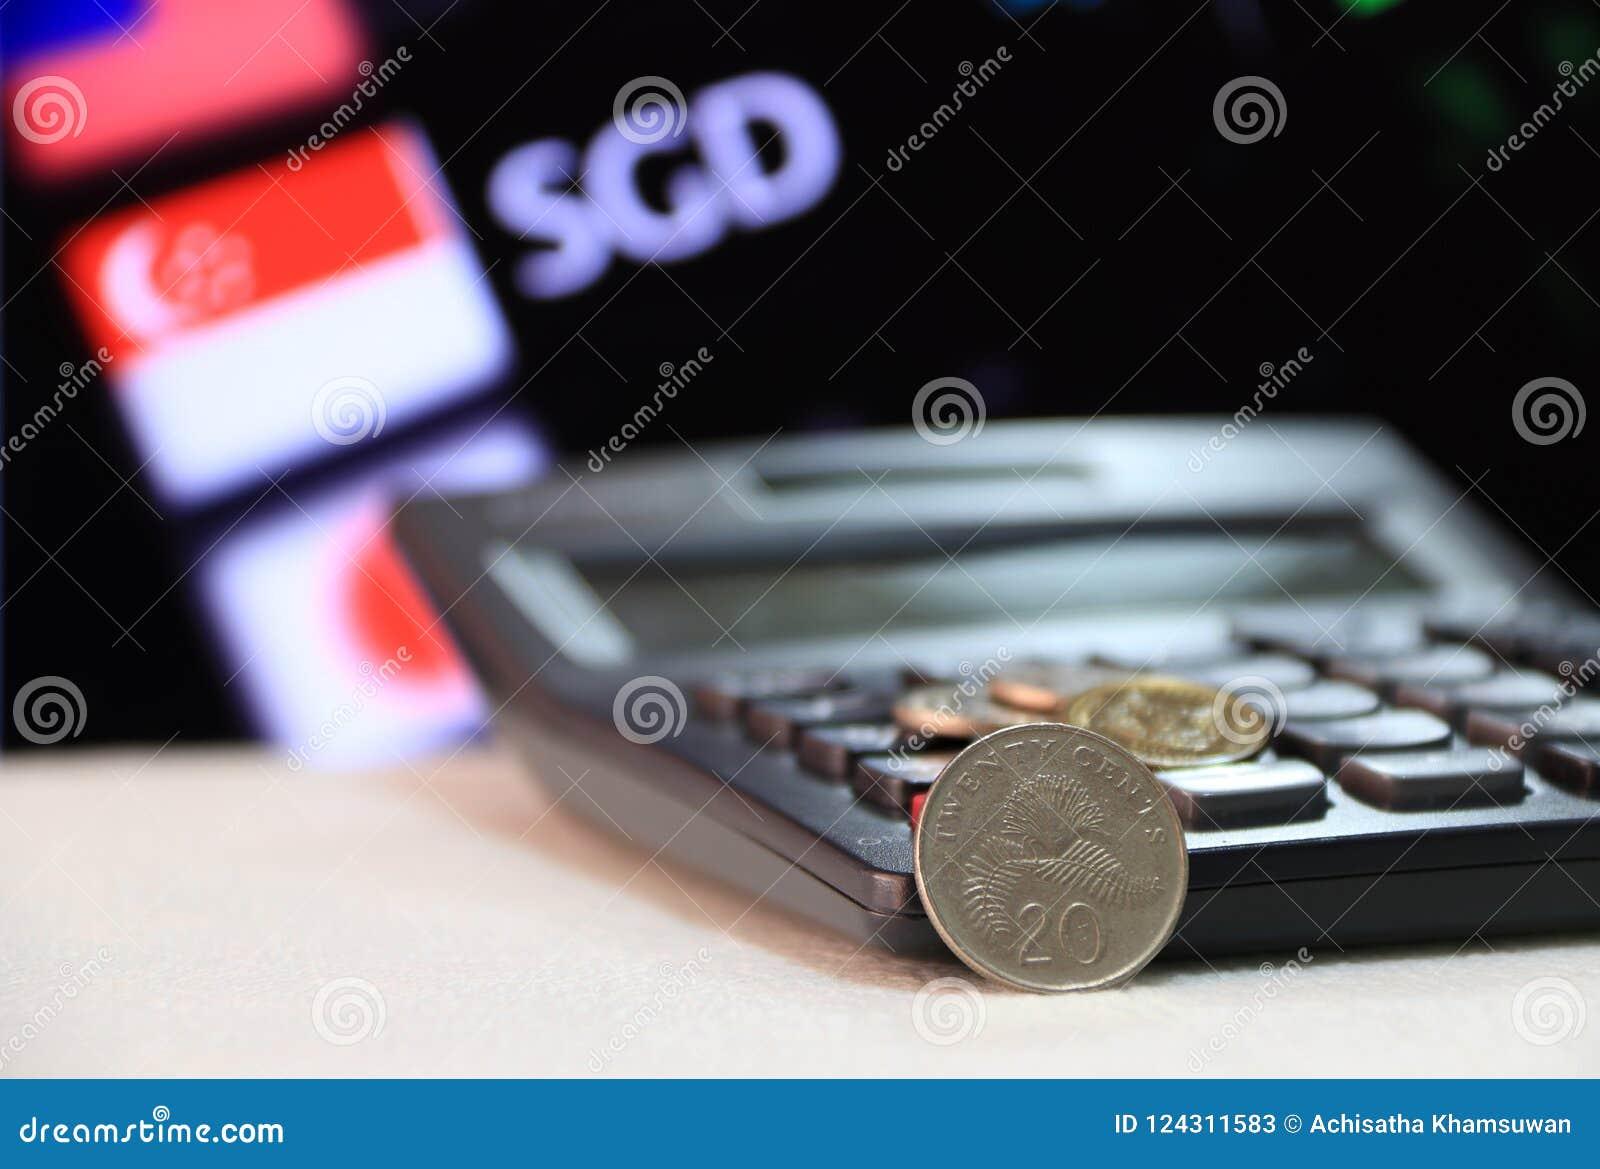 Moeda de Singapura de vinte centavos no SGD reverso com calculadora preta e placa digital do fundo do dinheiro da troca de moeda